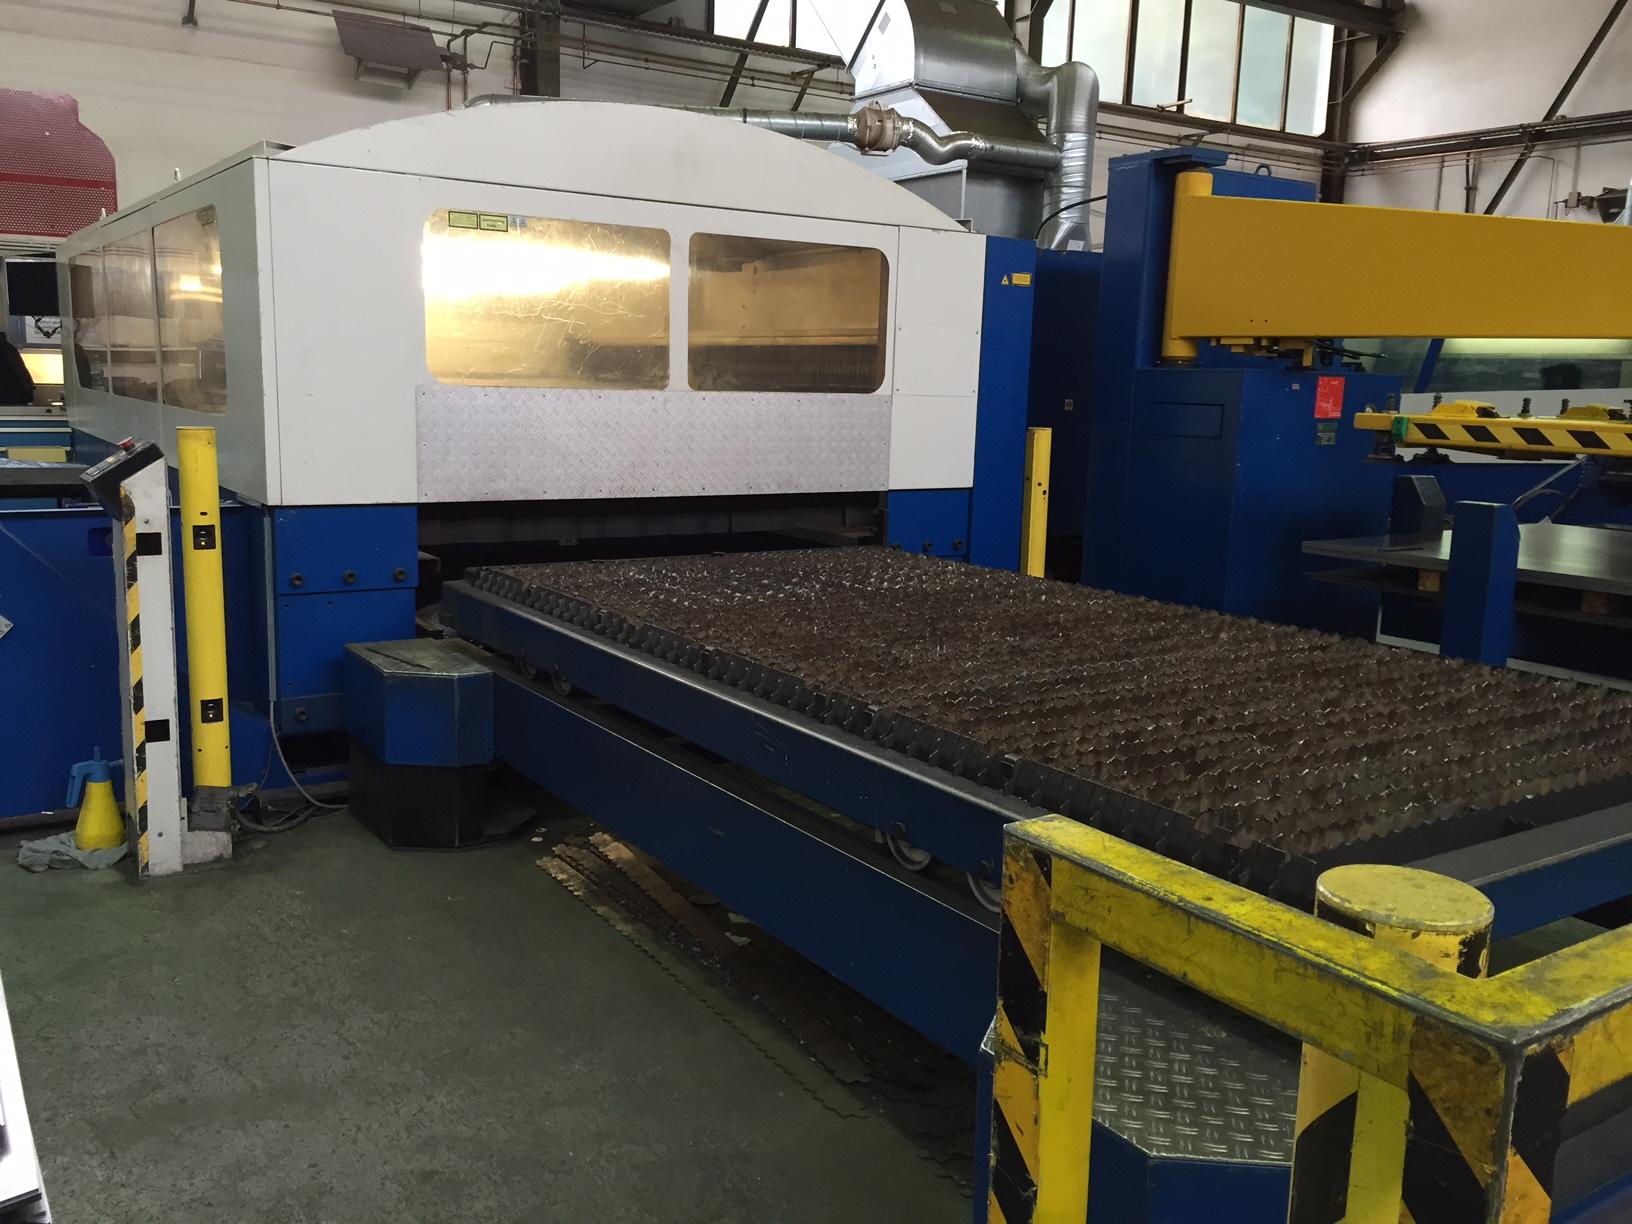 Trumpf Trumatic L 3030 Tlf 2600 Watt Laser Cutting Machine